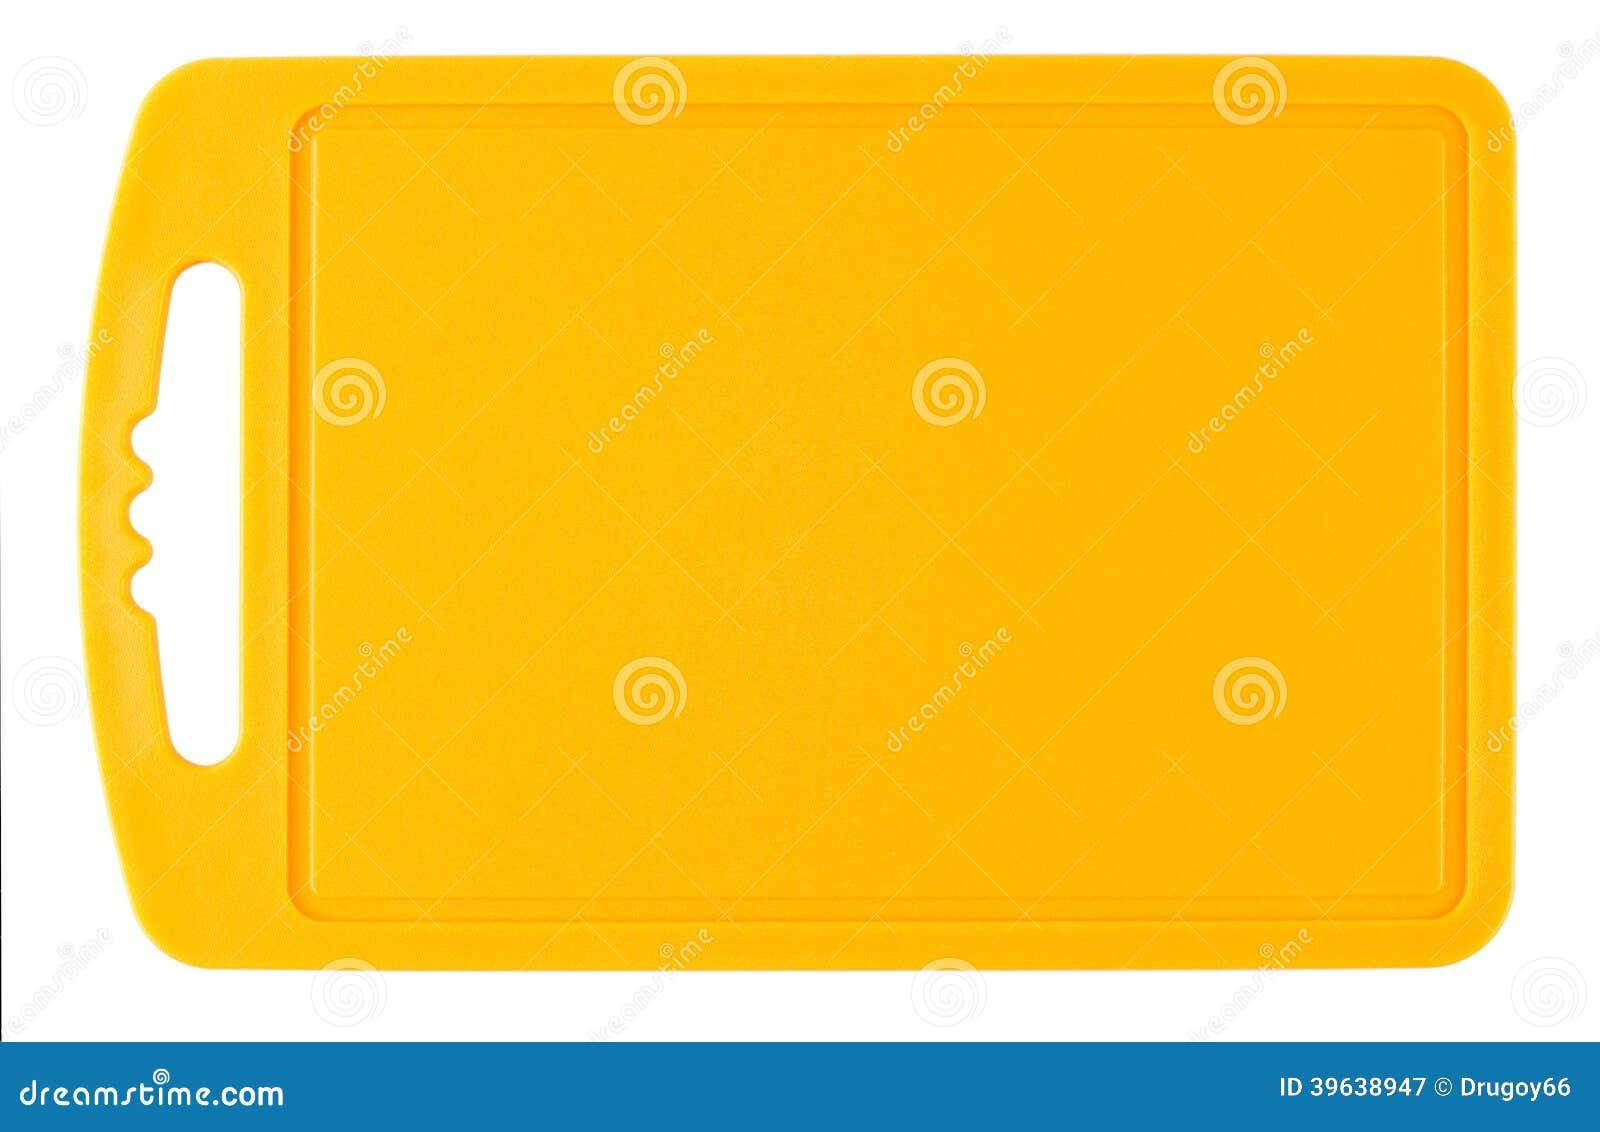 planche d couper de plastique orange image stock image du simple hachage 39638947. Black Bedroom Furniture Sets. Home Design Ideas